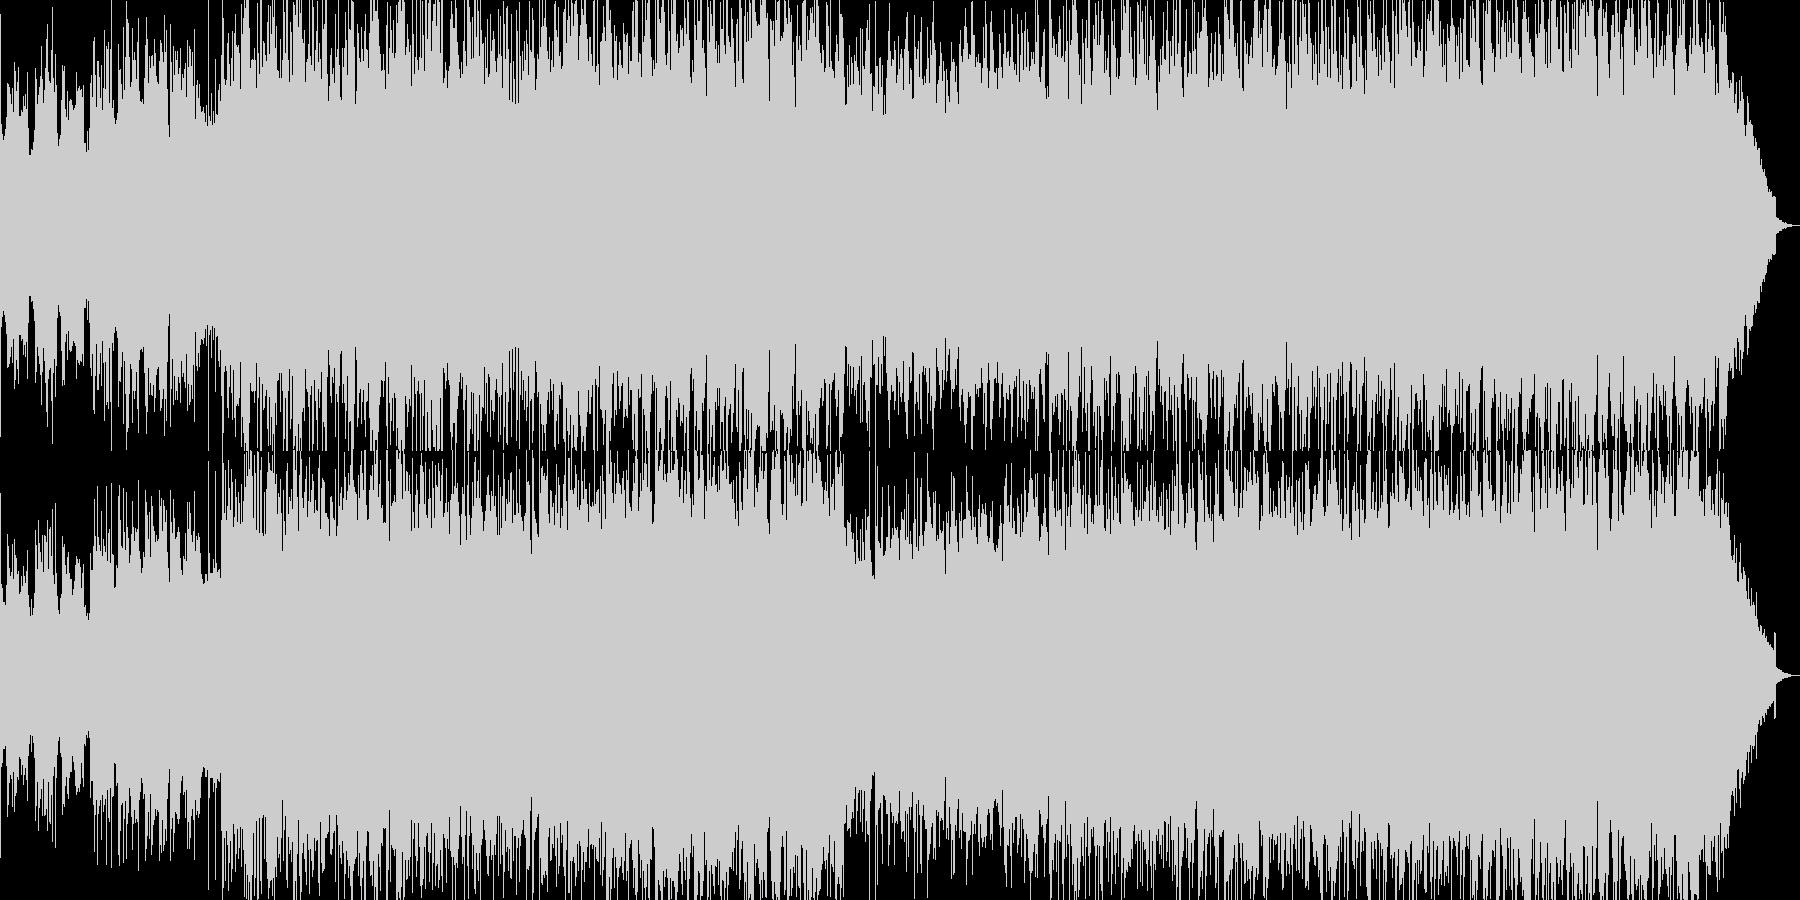 フラメンコギターのアンサンブルオリジナルの未再生の波形